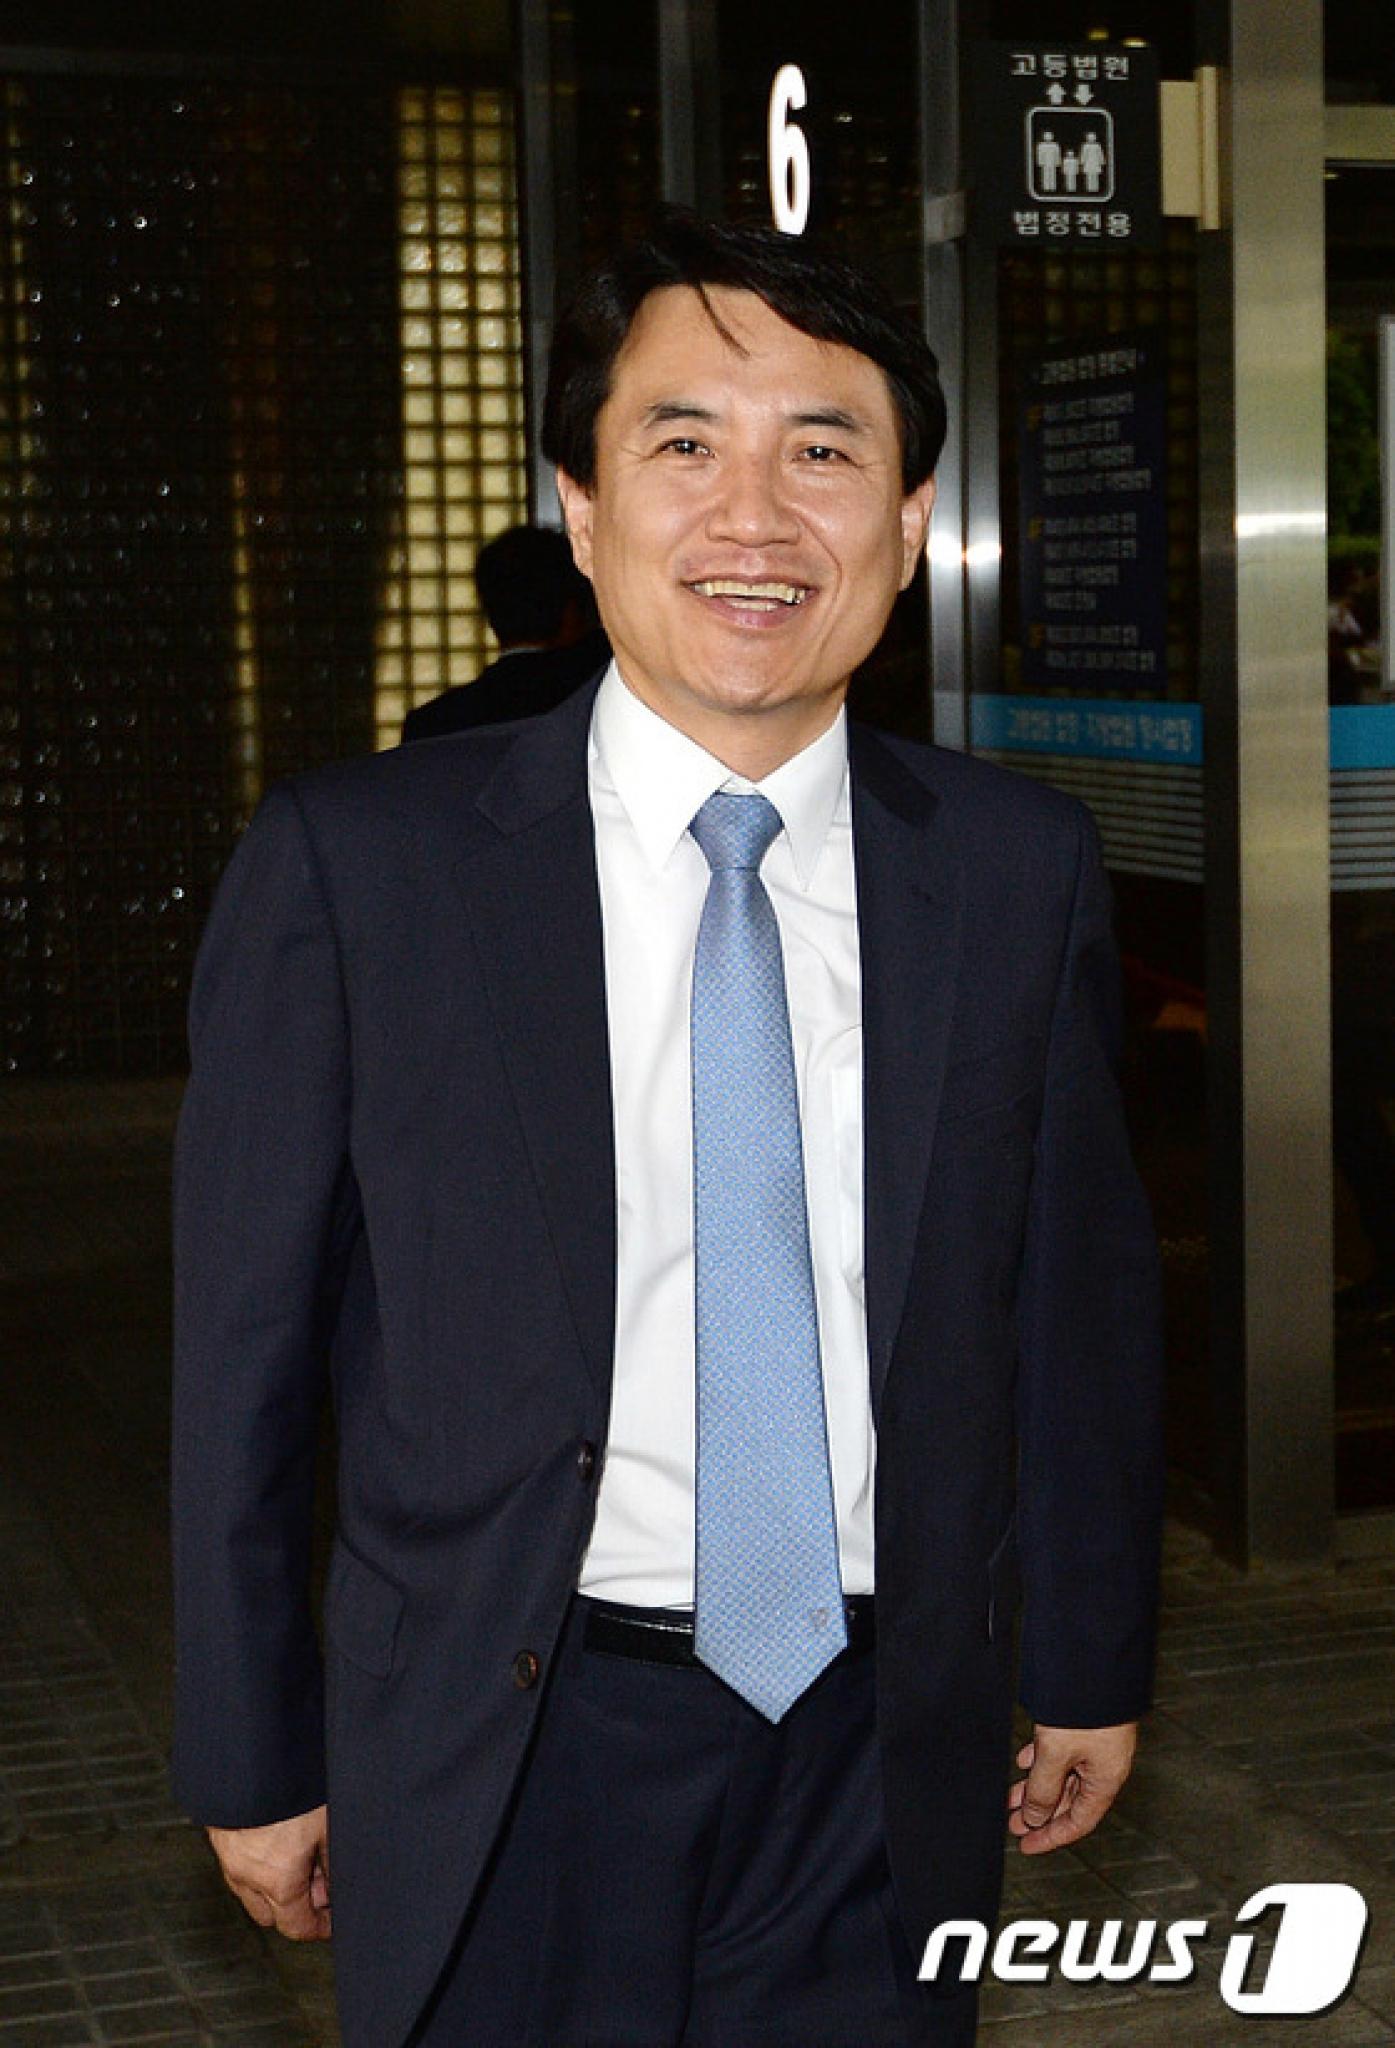 김진태 자유한국당 의원이 공직선거법 위반 혐의 항소심 선고공판에서 무죄를 선고받았다. 사진은 지난 7월 항소심 1회 공판에 출석한 뒤 법원을 나서는 김 의원 모습. /자료사진=뉴스1